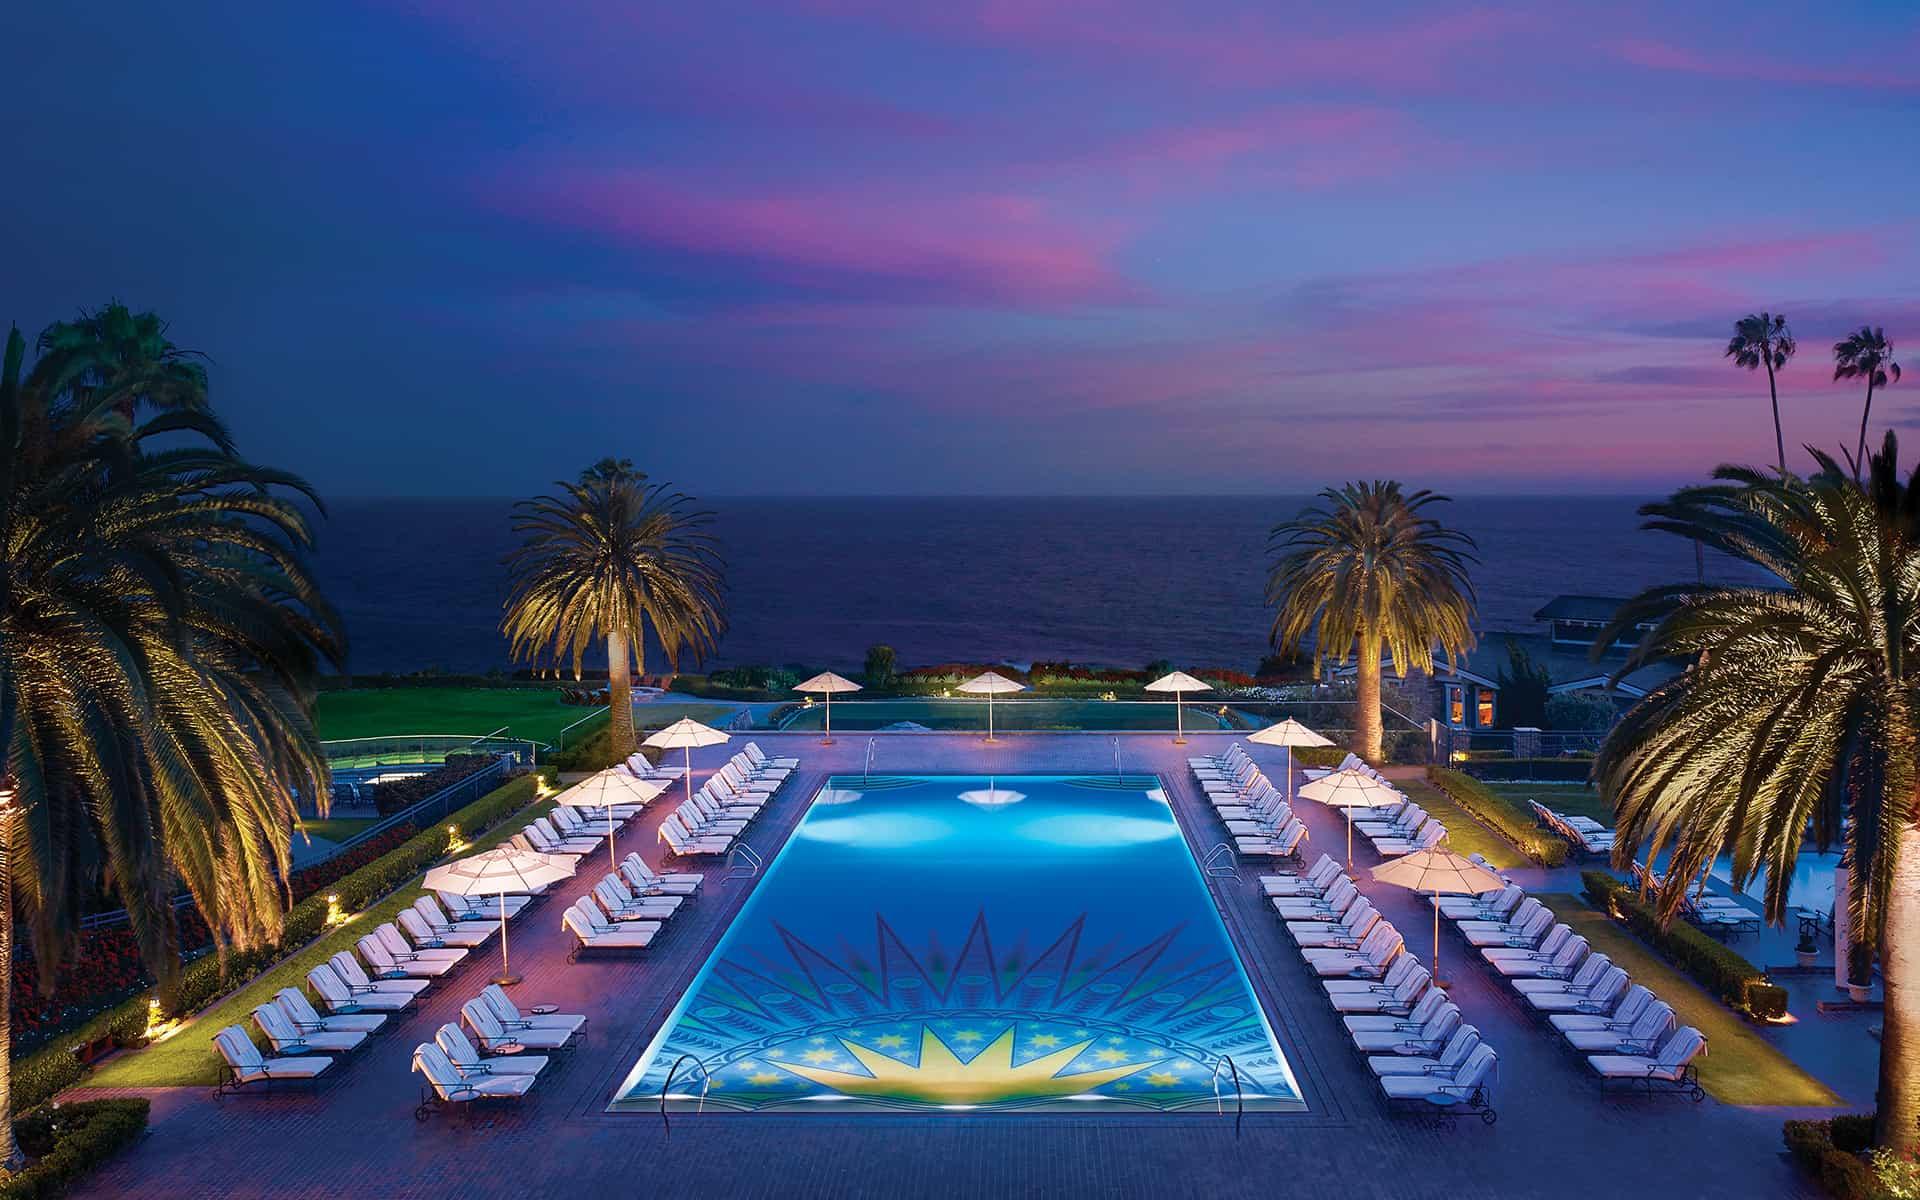 Laguna Beach Hotels With Beach Access